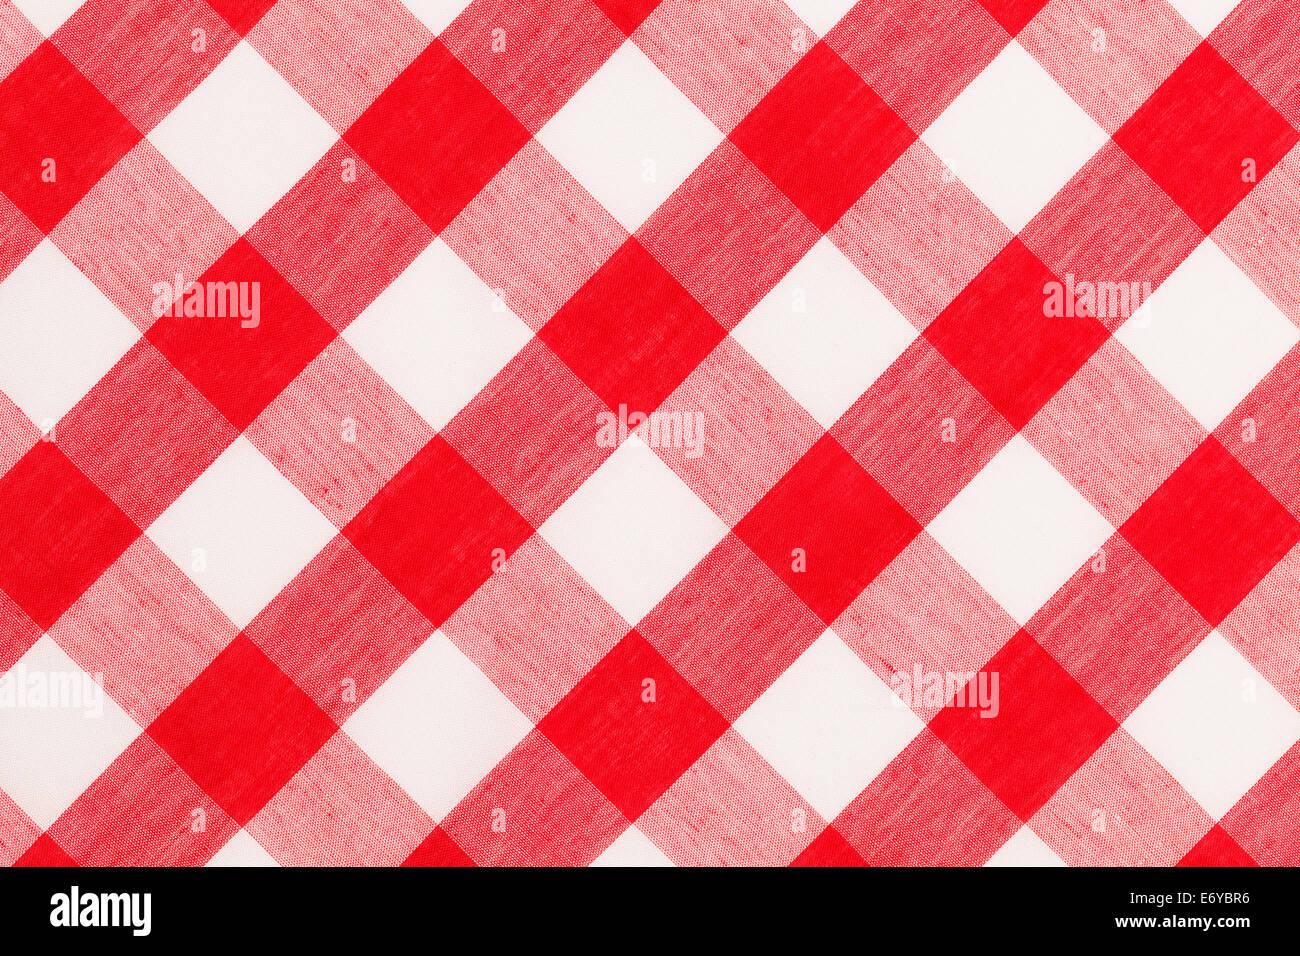 Große rot-weiß karierte Tuch Tabellenhintergrund. Stockbild